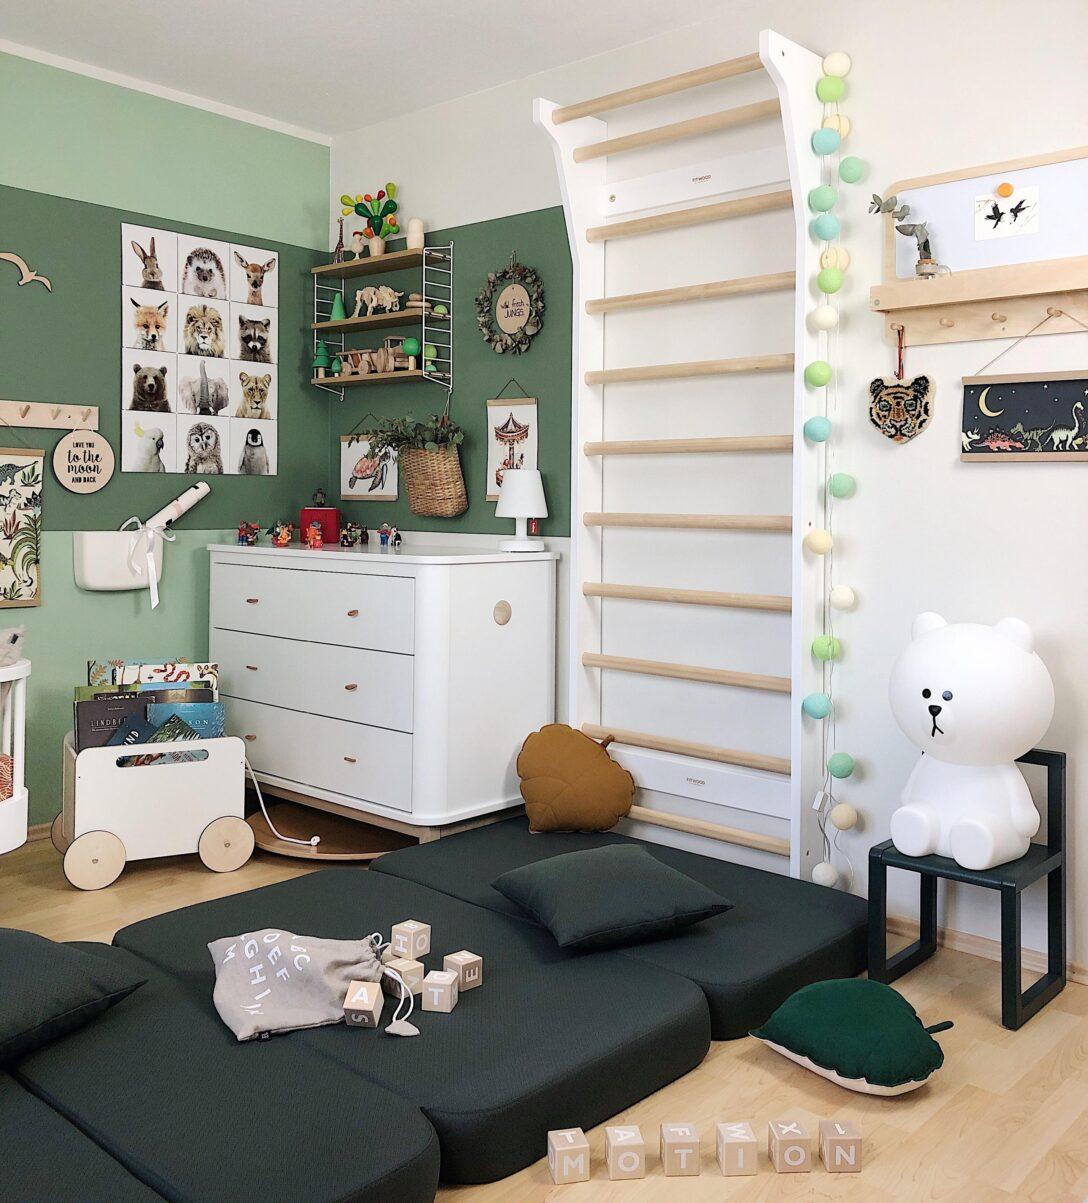 Large Size of Sprossenwand Kinderzimmer Bilder Ideen Couch Regal Regale Sofa Weiß Kinderzimmer Sprossenwand Kinderzimmer